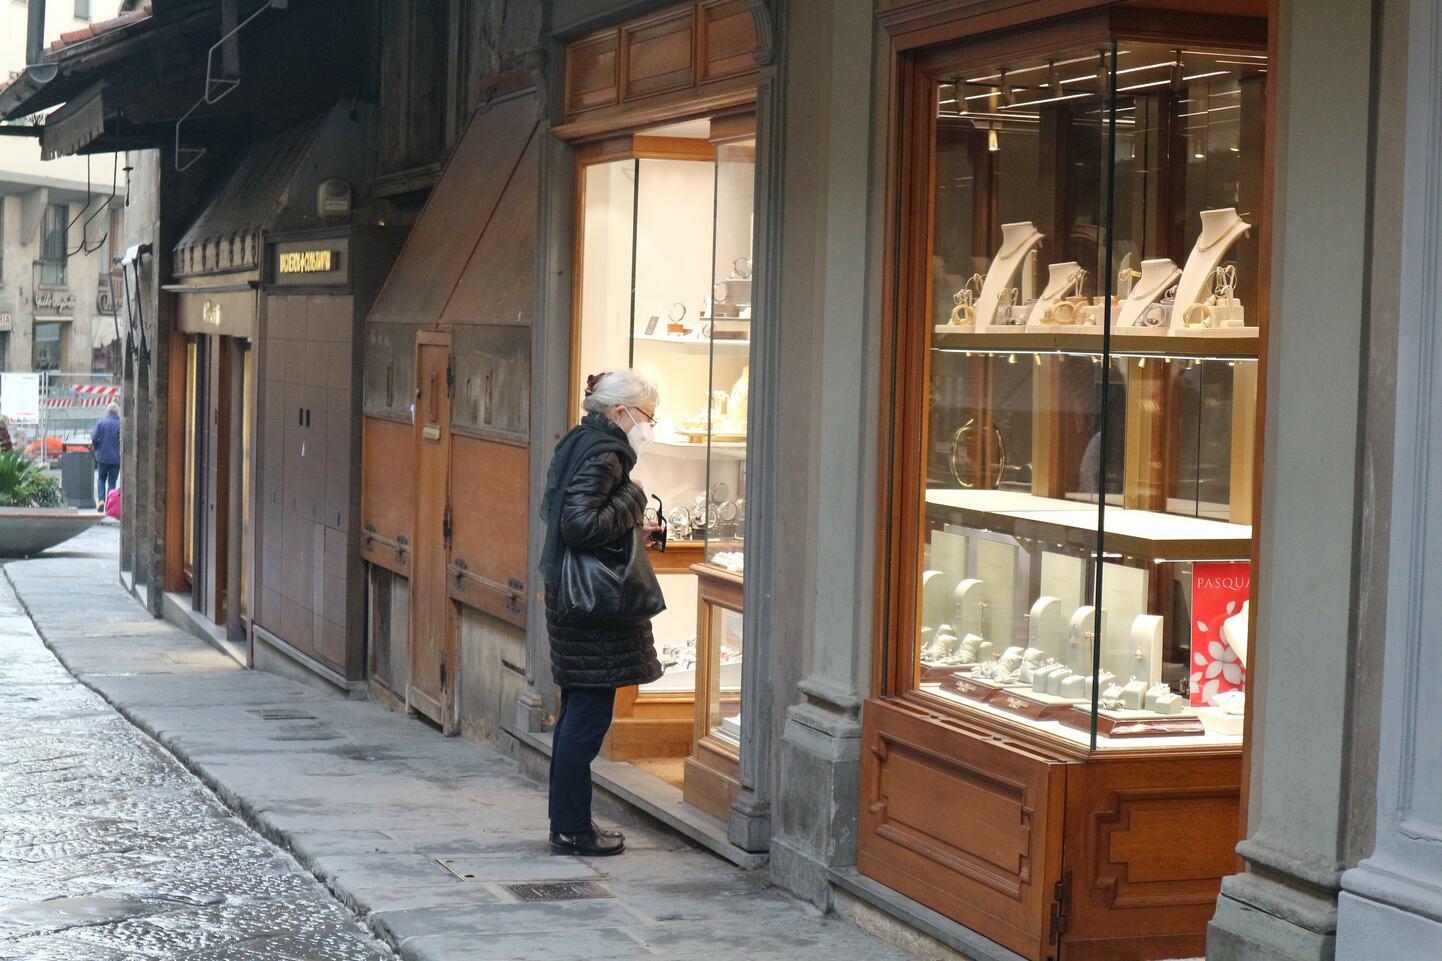 閉店しているジュエリー店の商品を眺める女性